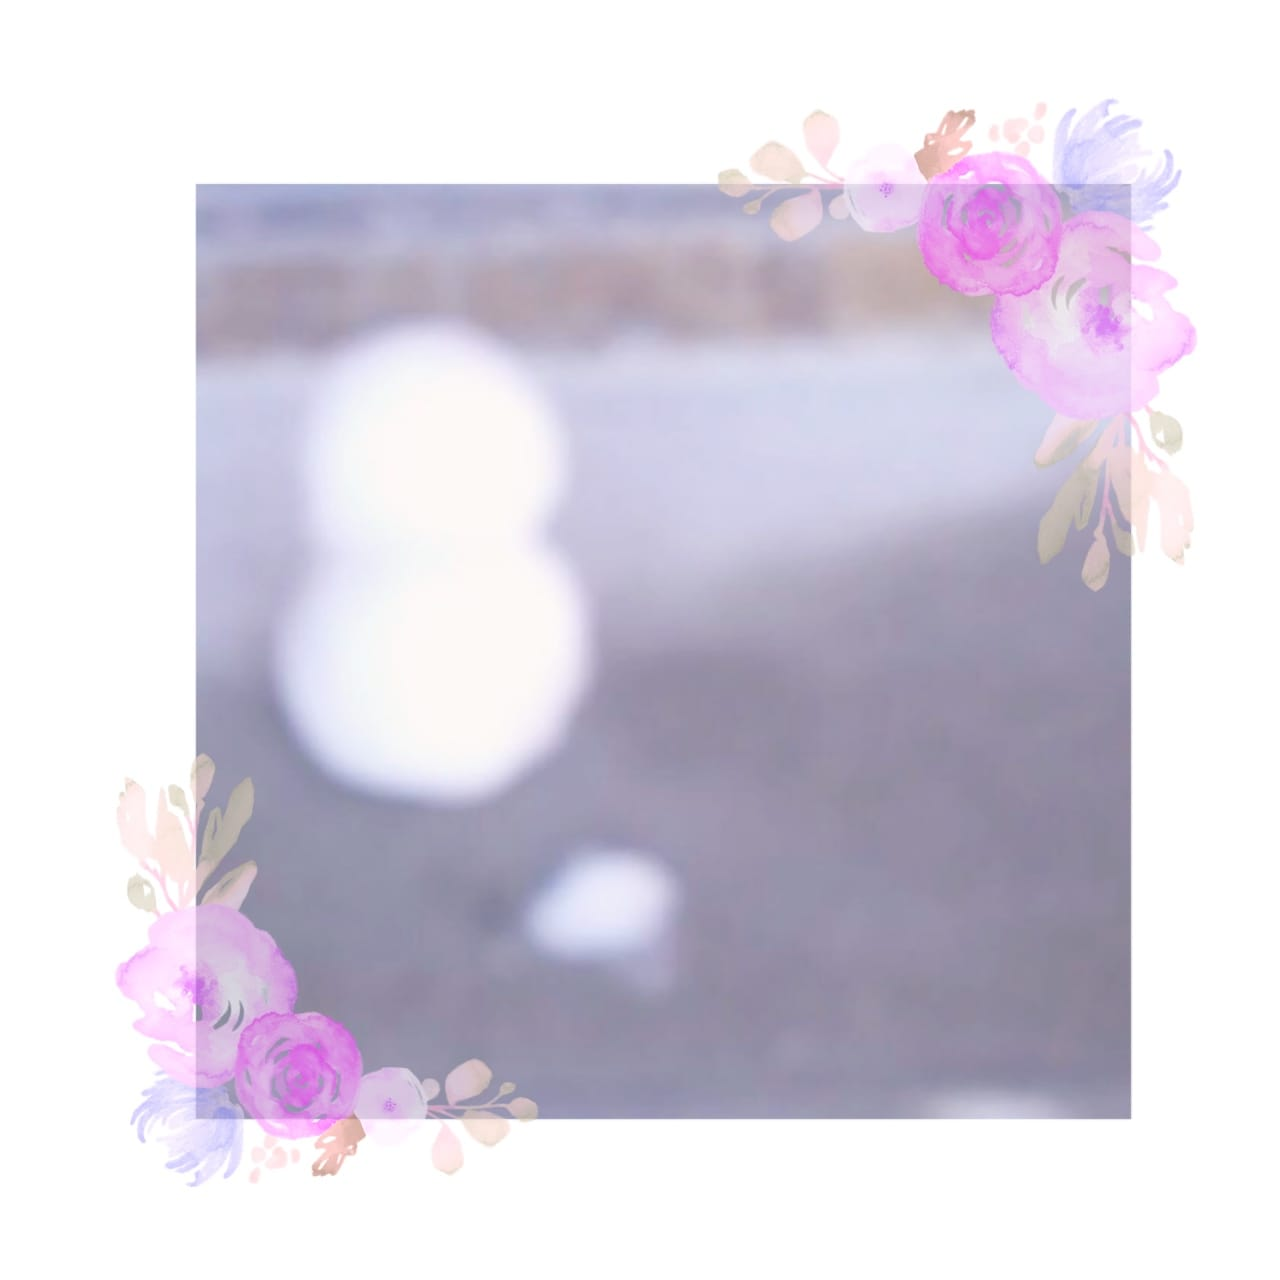 めあ「Special Thanks***」12/13(水) 05:38 | めあの写メ・風俗動画